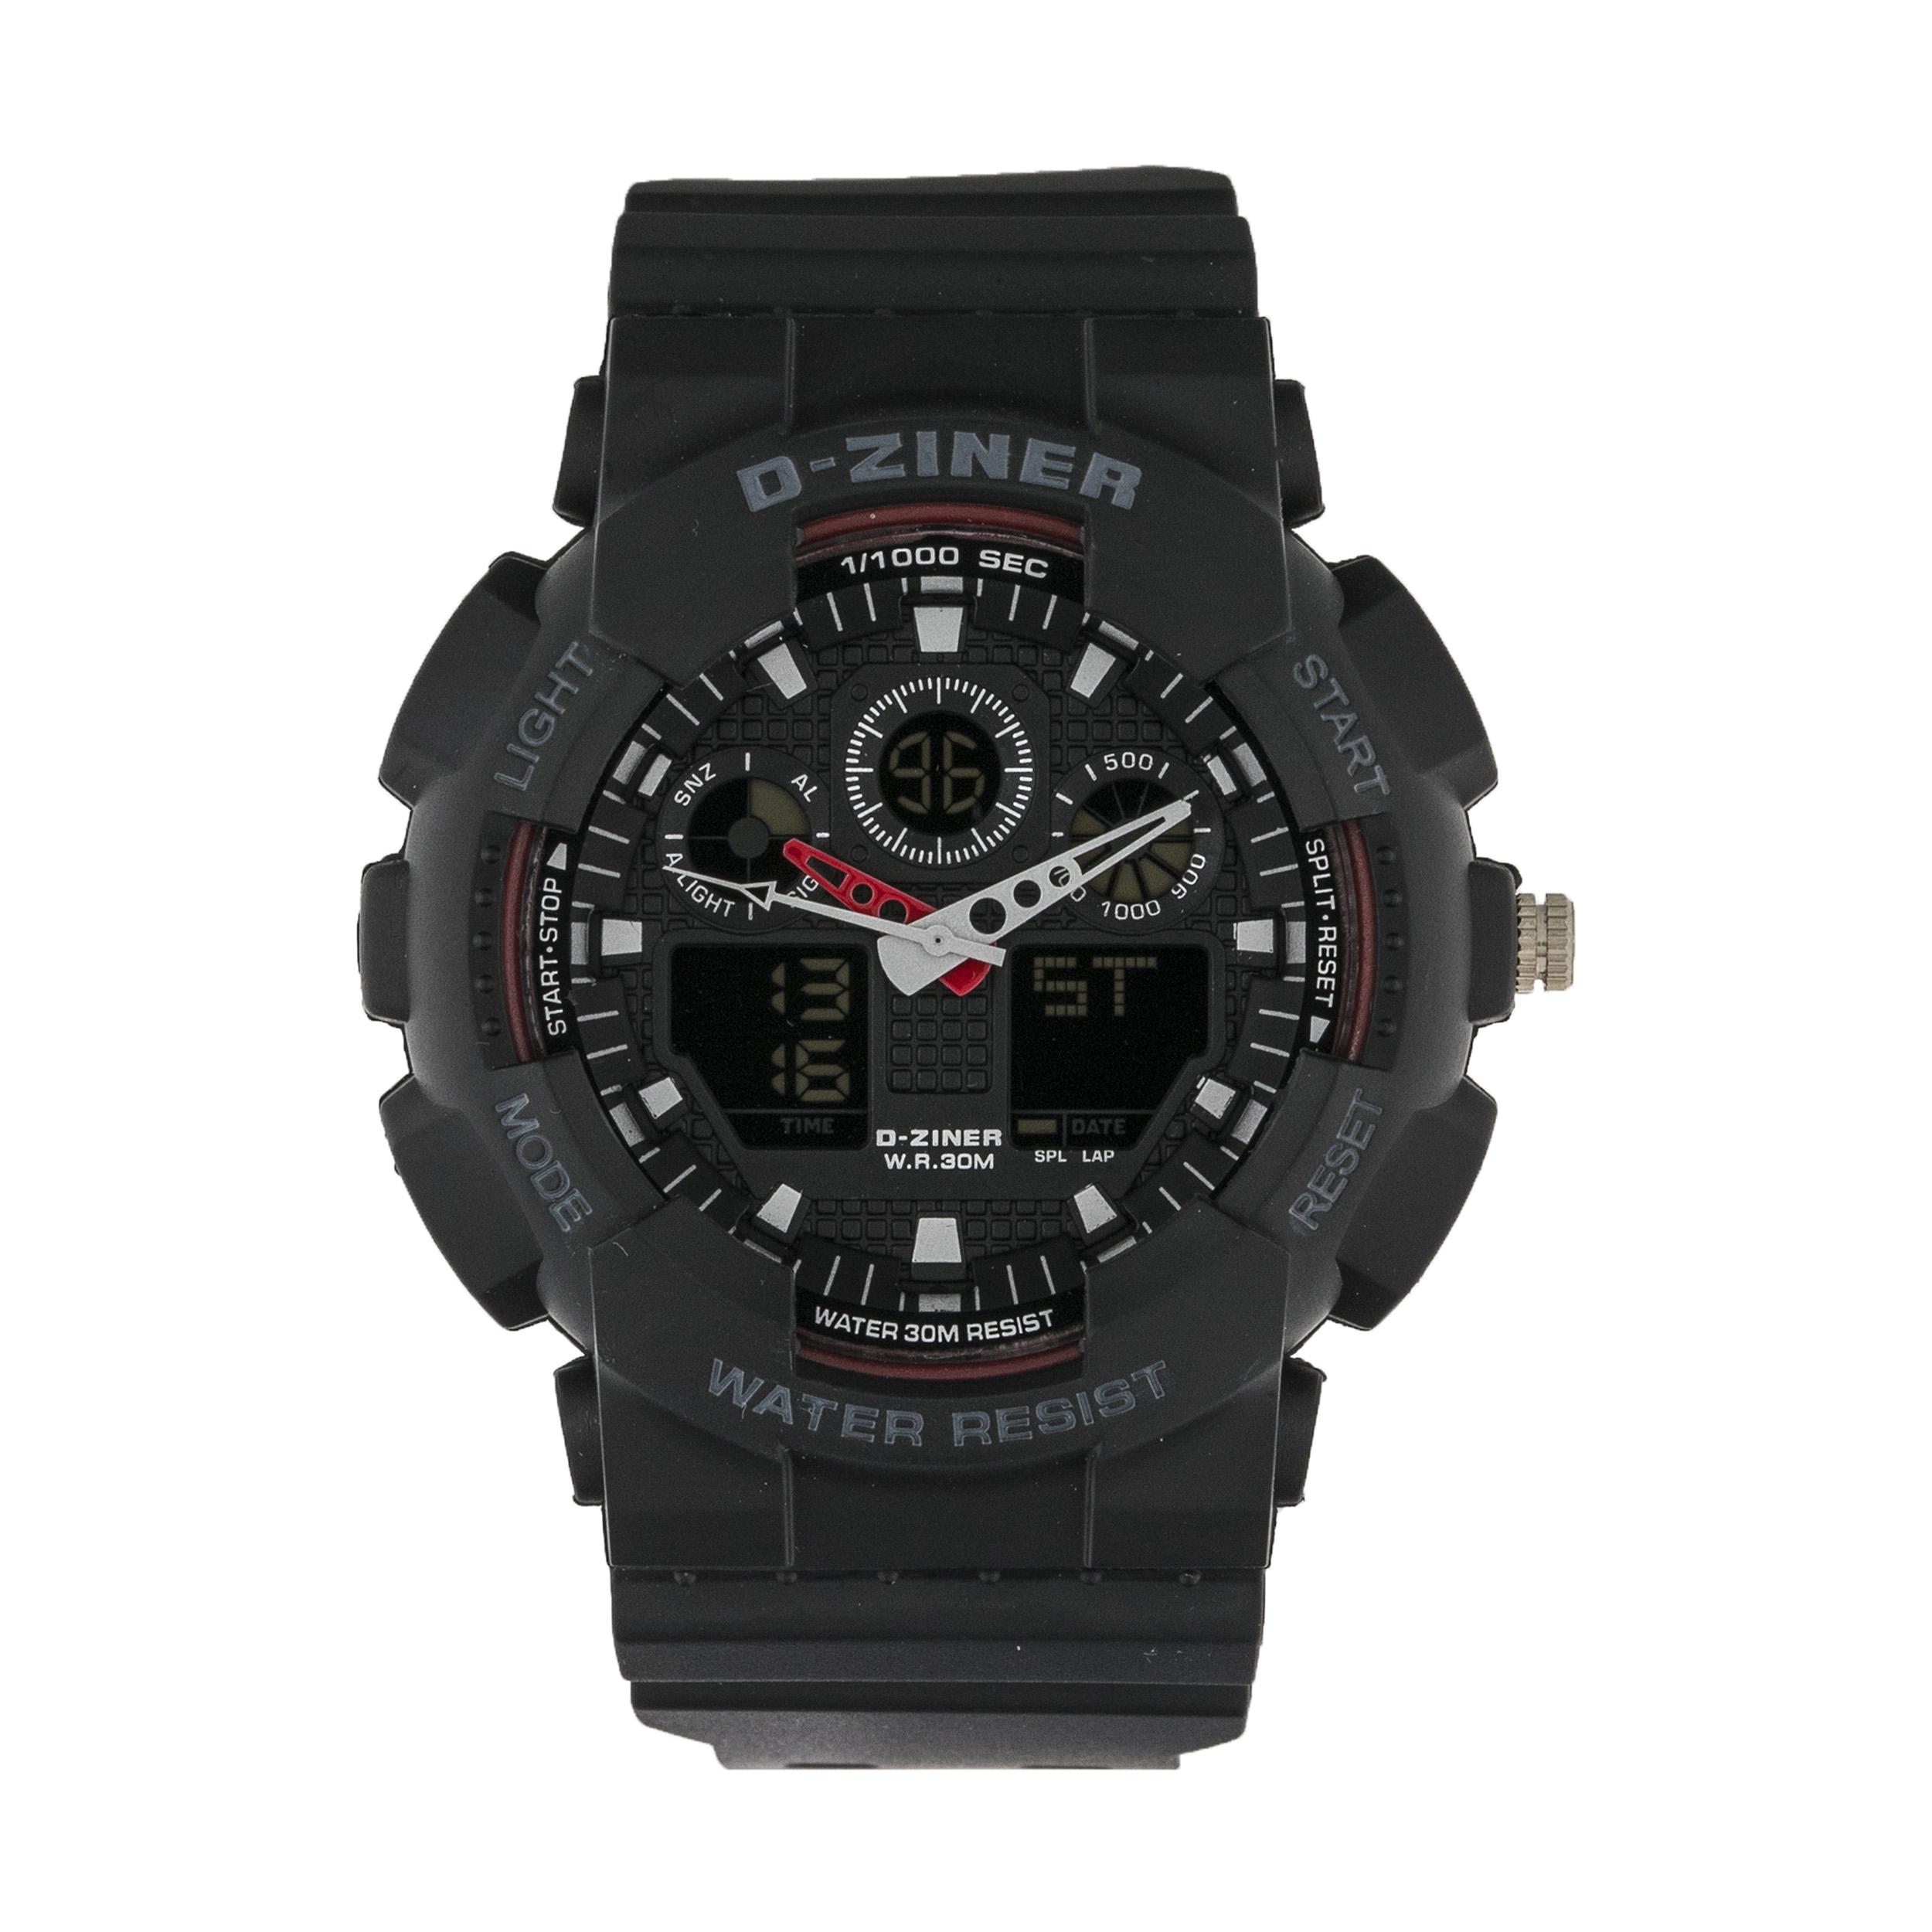 ساعت مچی عقربه ای مردانه دیزاینر مدل D-Z7003 29